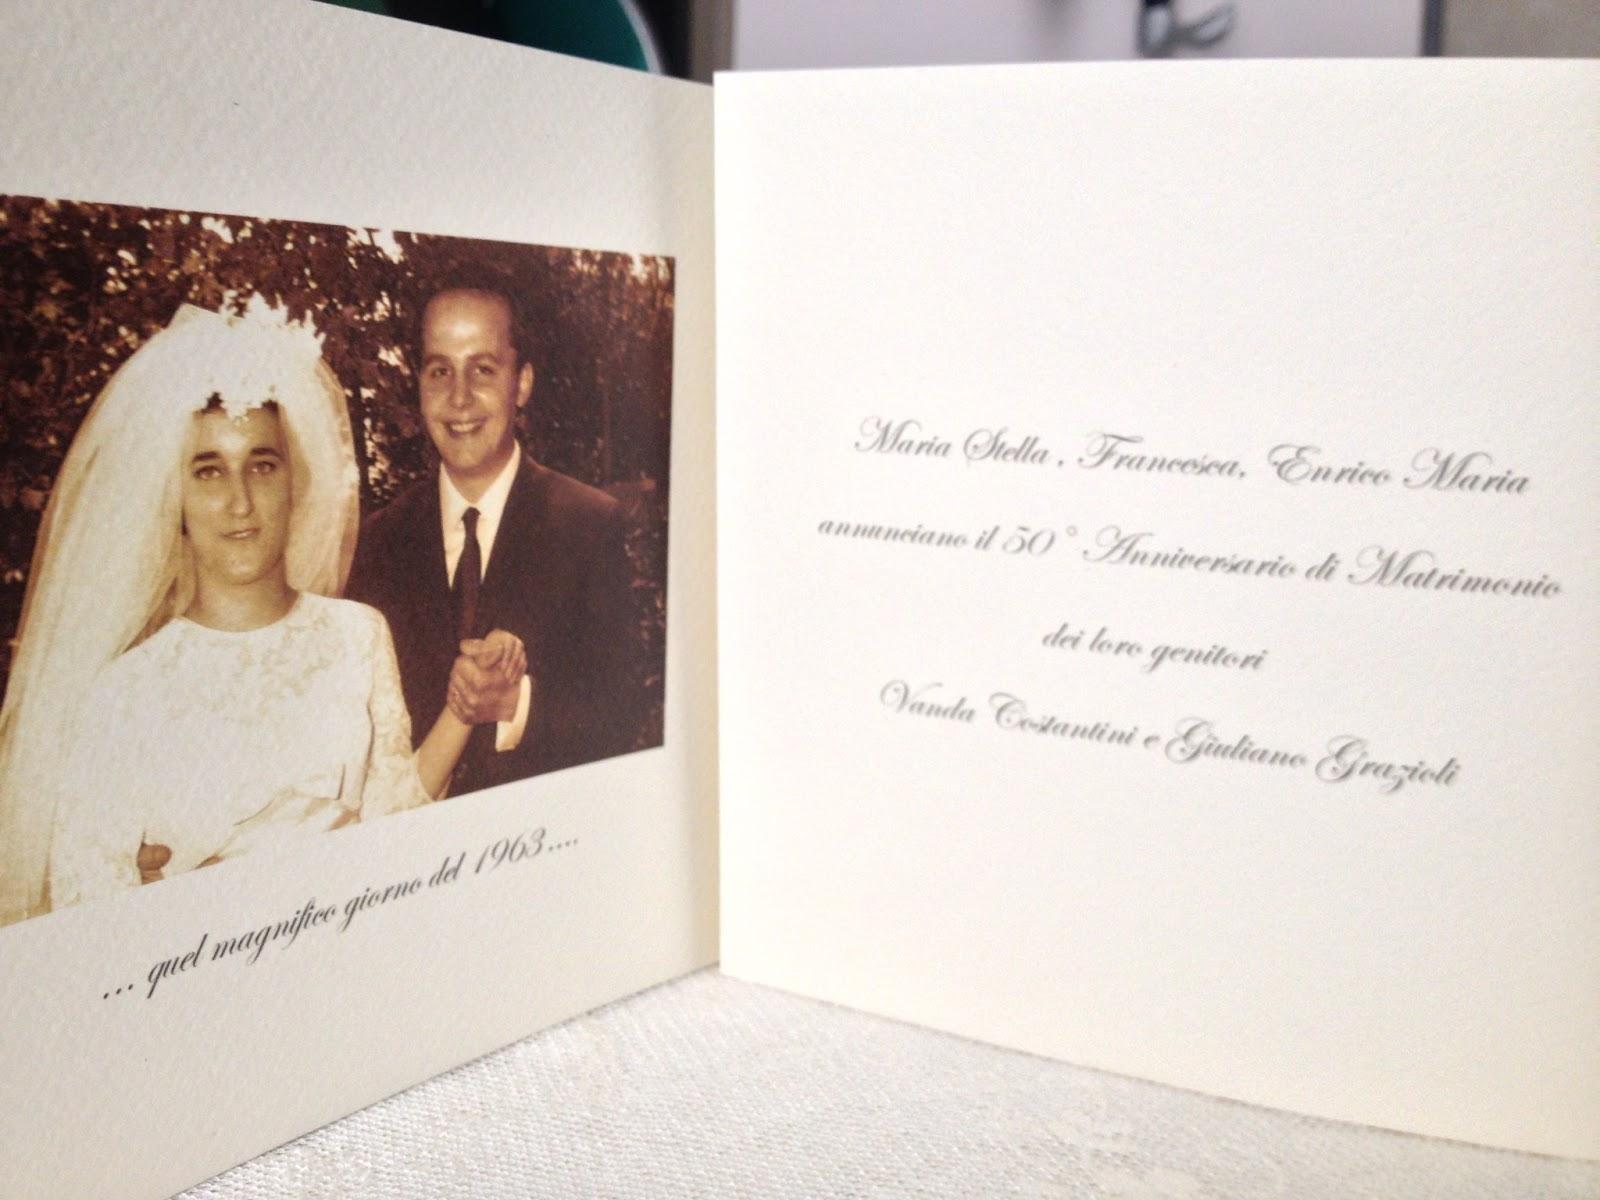 Favoloso VANDA & GIULIANO 50 Anni insieme: Siete invitati al nostro 50  FA83